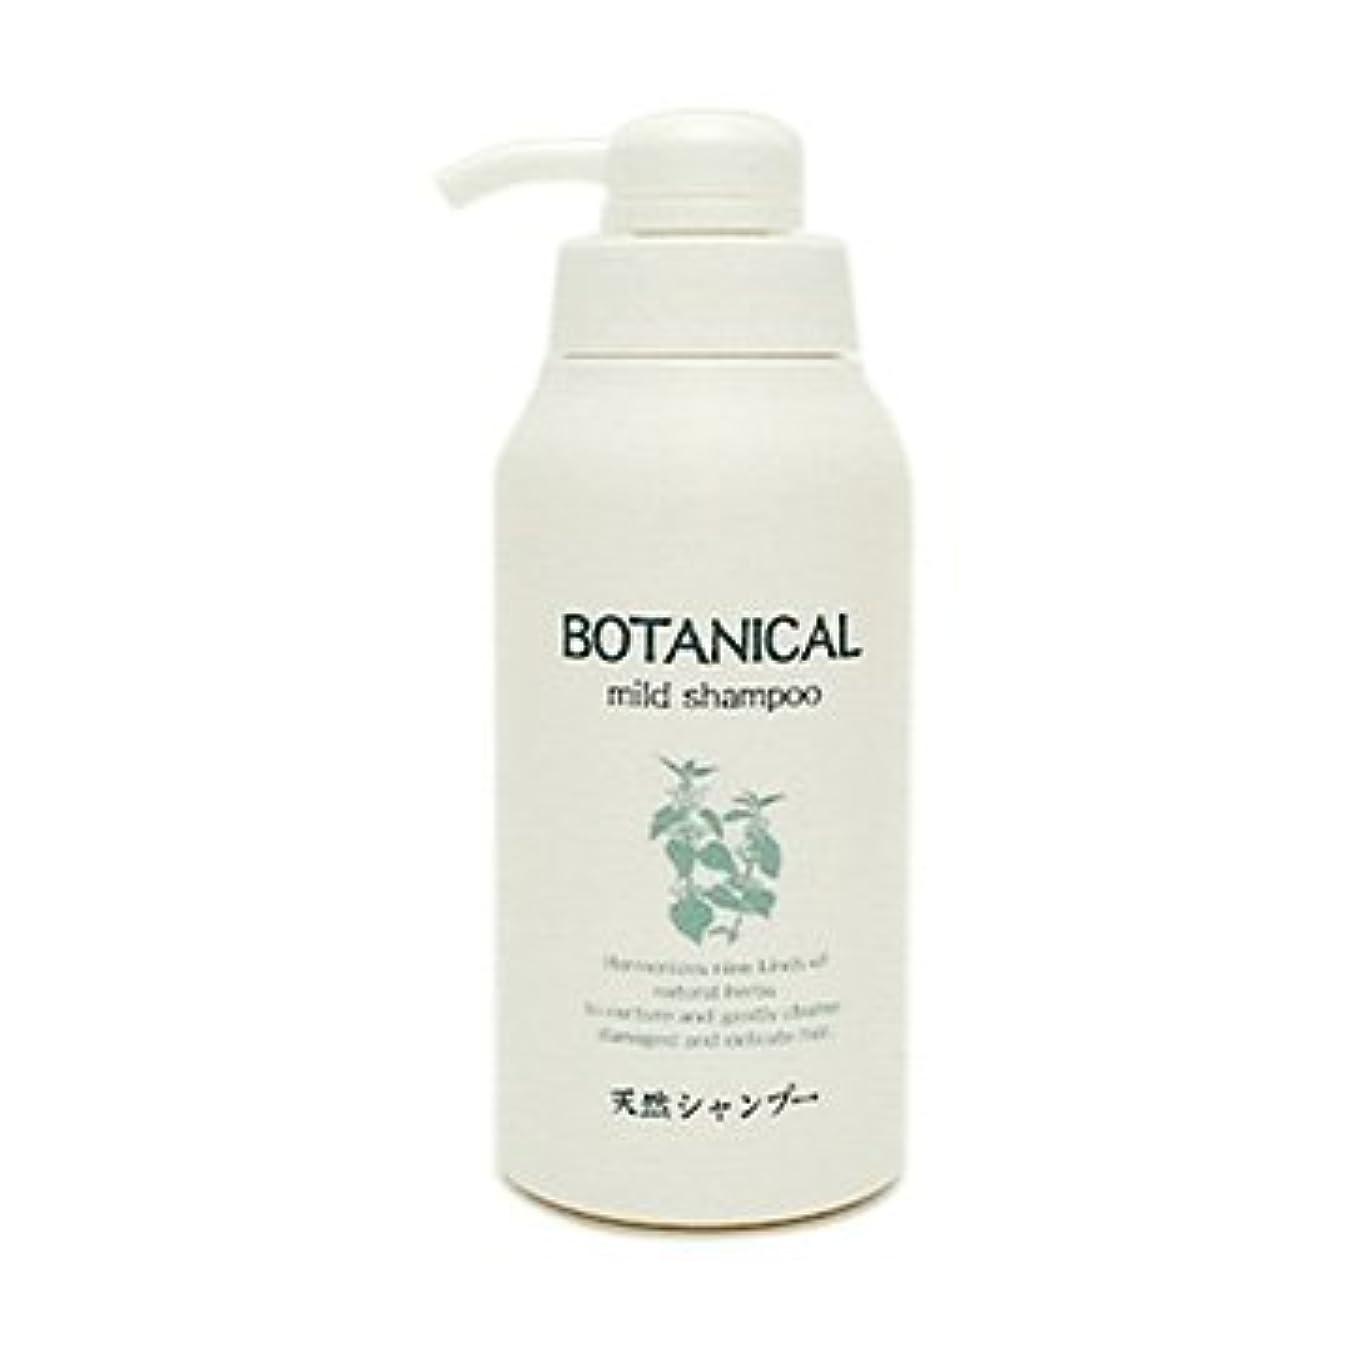 性格今高度なフタバ化学 BS ボタニカルシャンプー 容量400ml